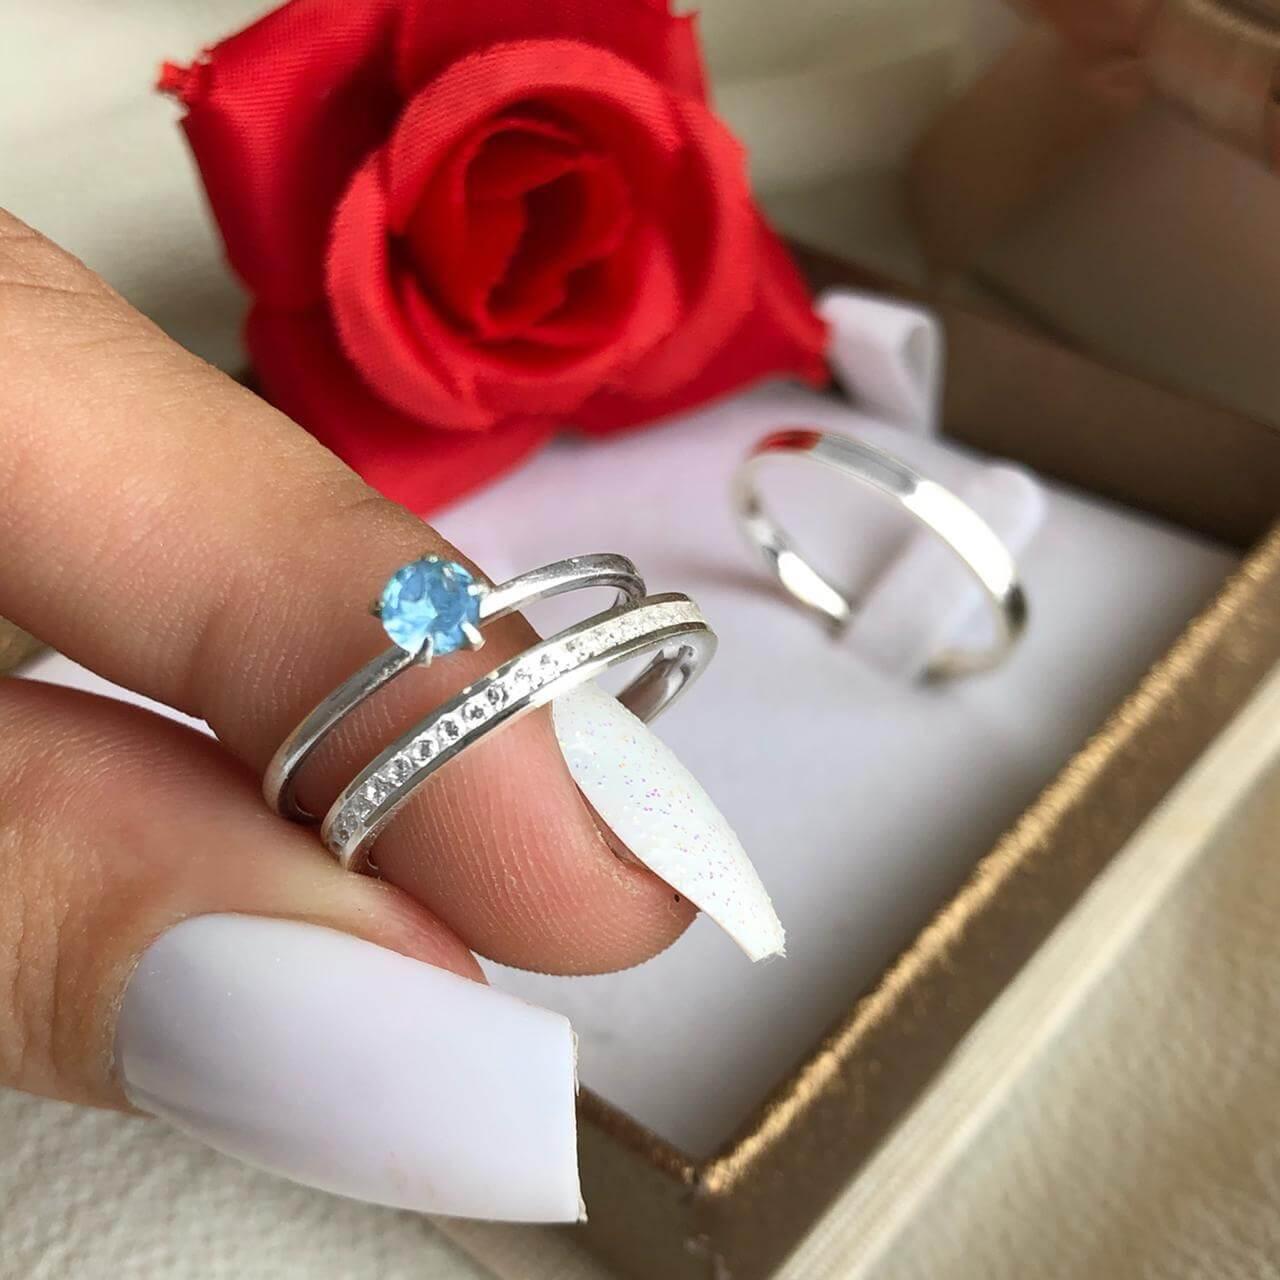 Combo Alianças Gênova em Prata + Anel Solitário Pedra Azul Claro ❤️